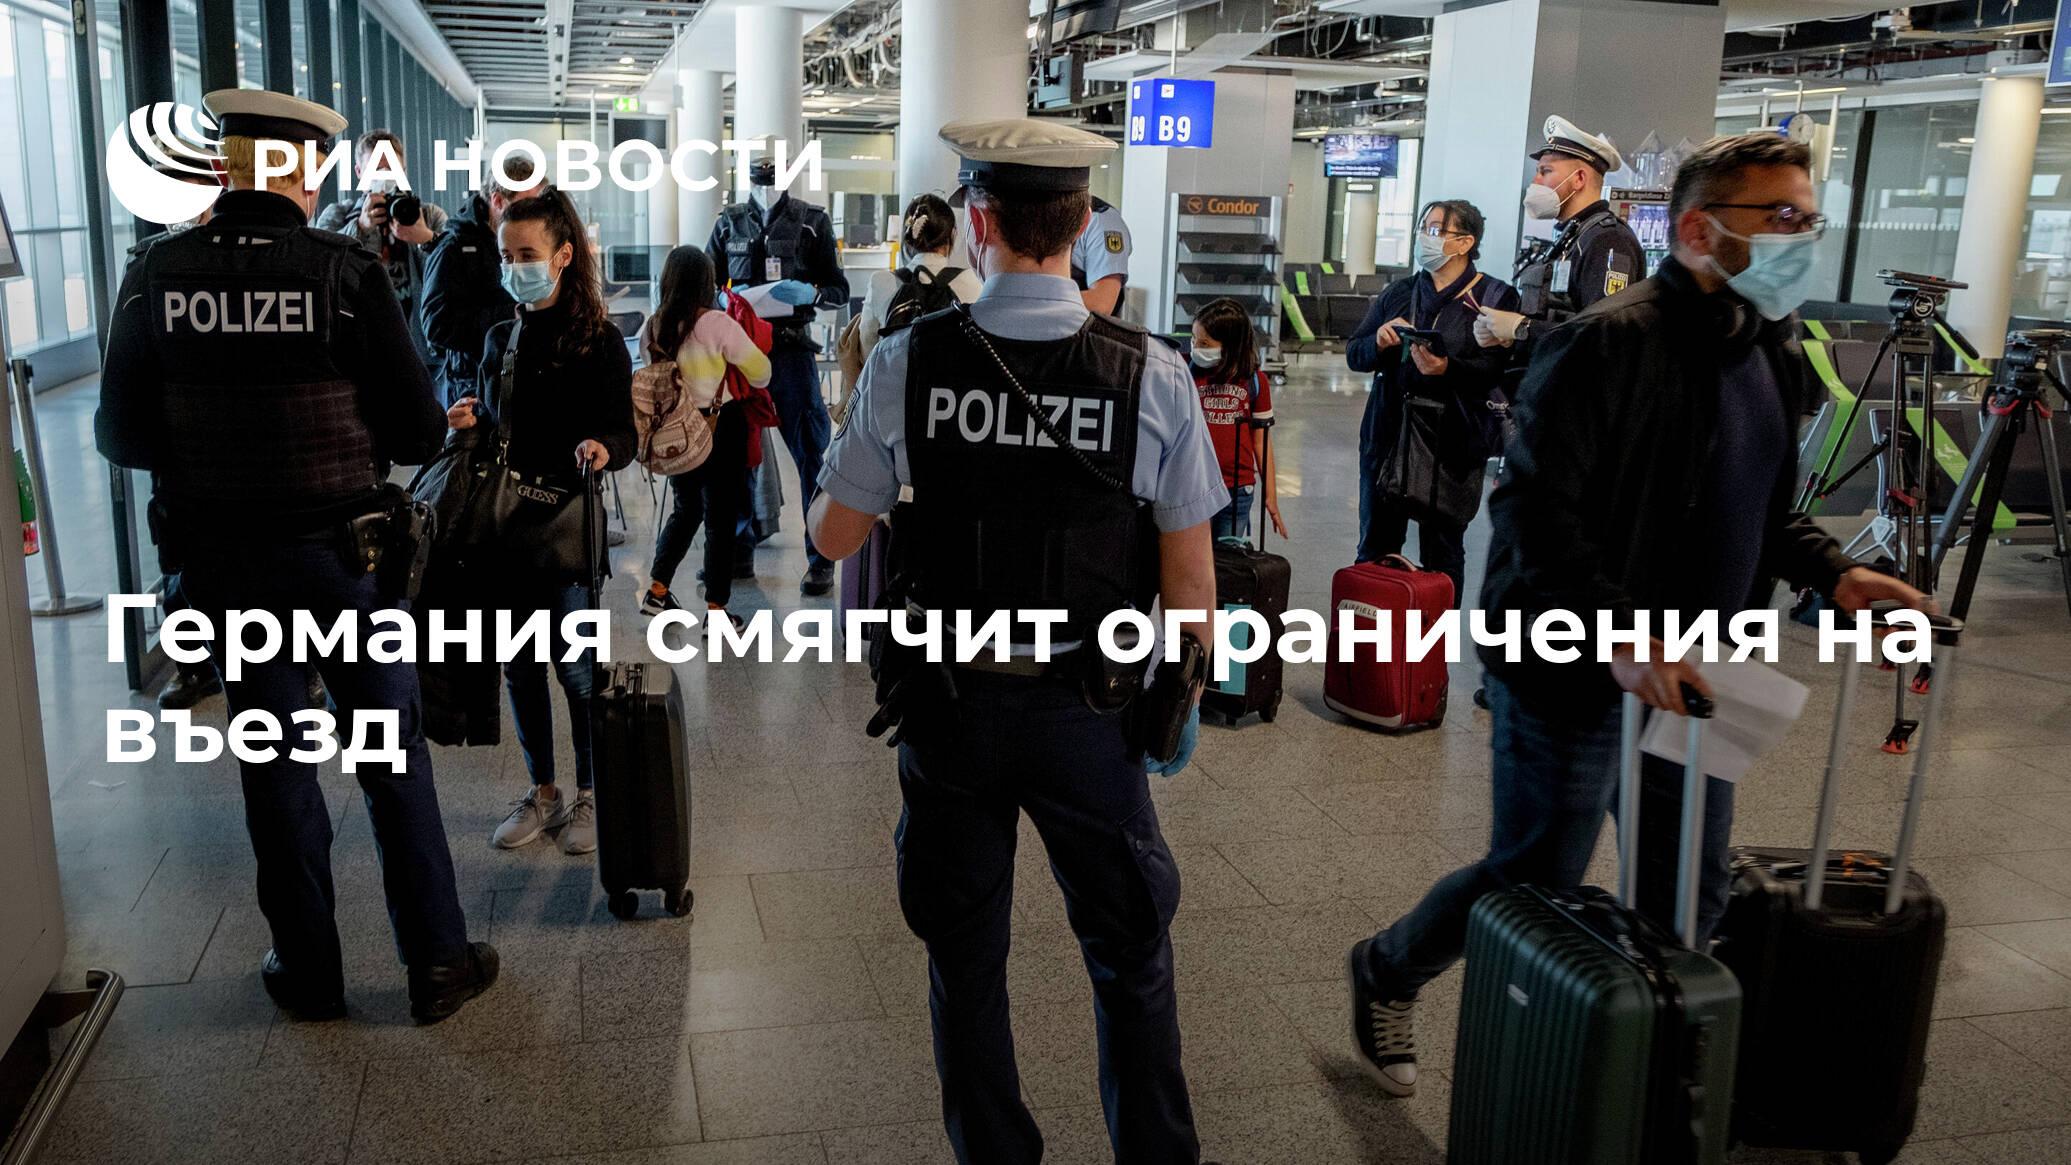 Германия планирует смягчить ограничения на въезд, сообщили СМИ